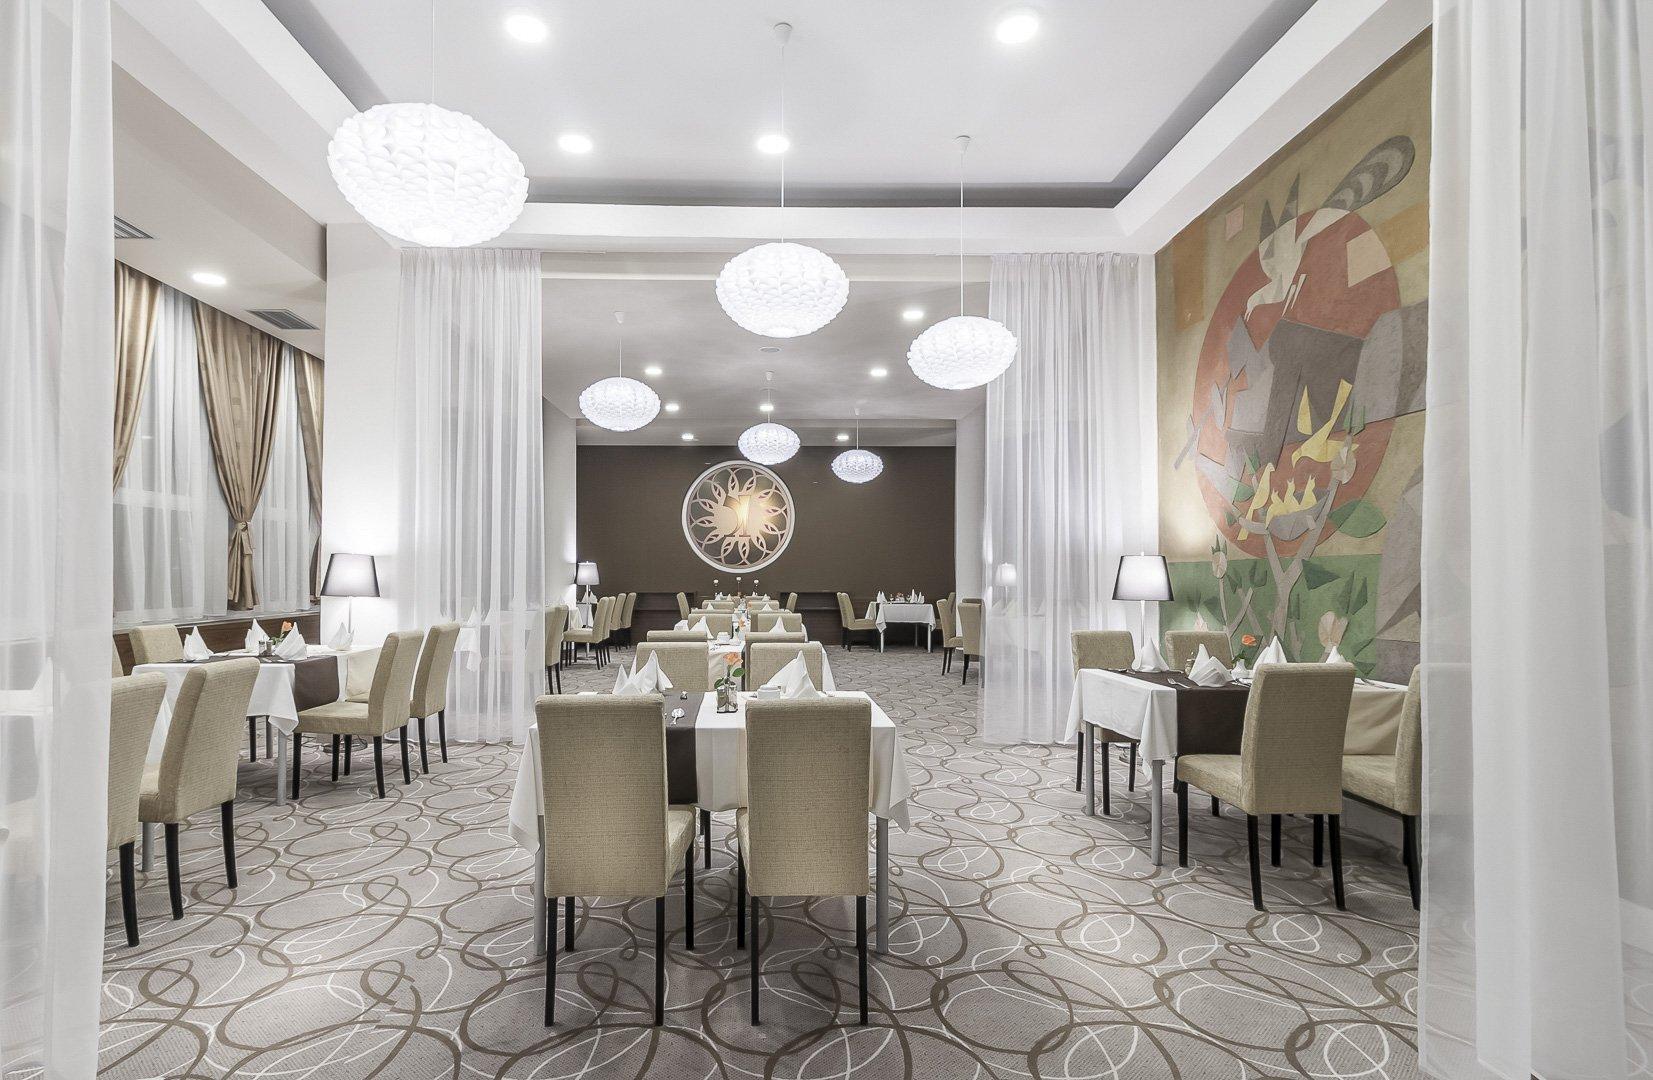 Redesign hotelu ve Slovenském městě Humenné. Cílem bylo vytvoření proměny interiéru včetně stavebních úprav 5 salonků a restaurace. Salonky byly rozděleny…